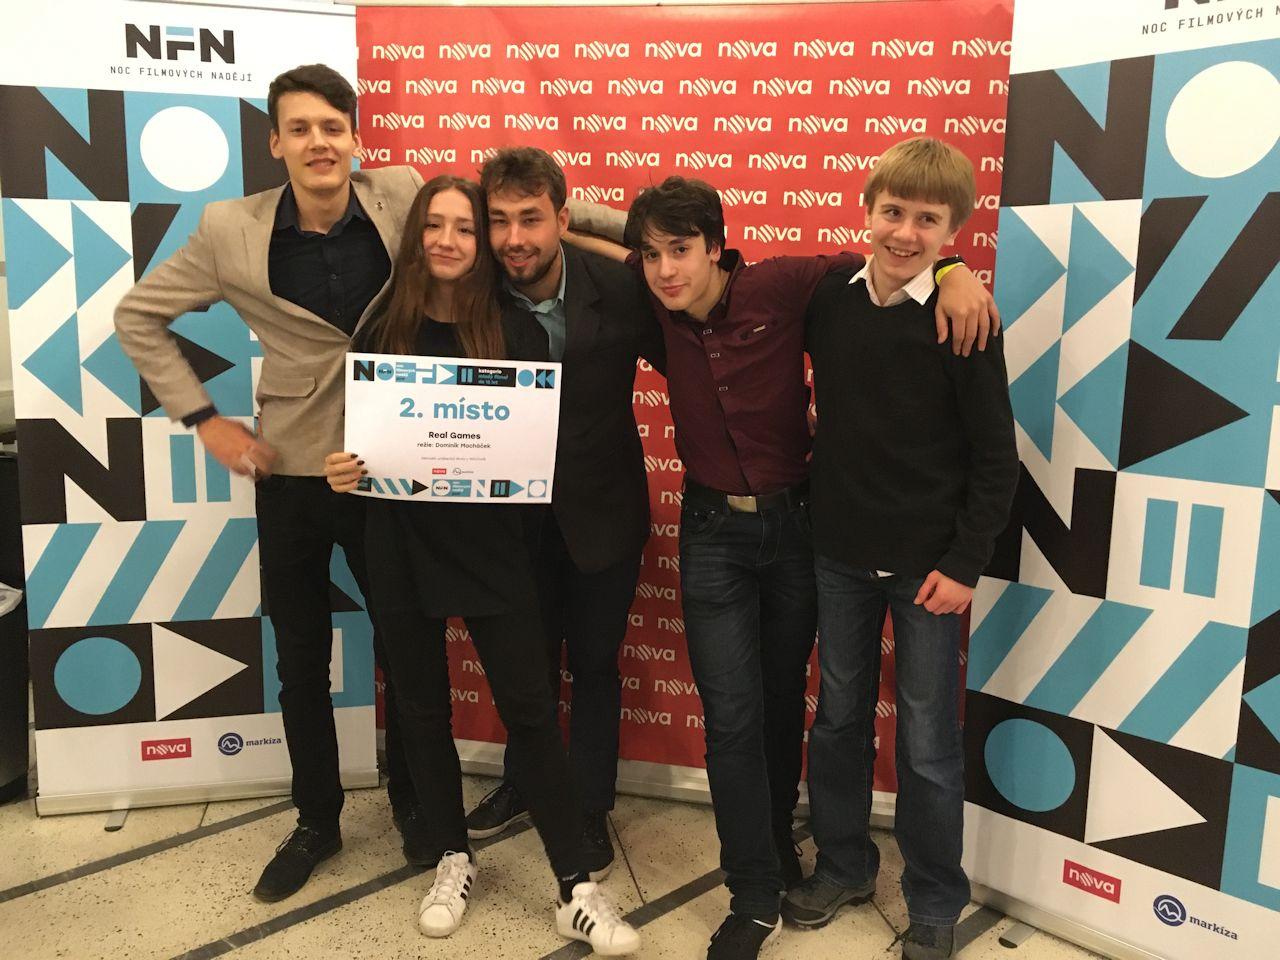 Noc filmových nadějí TV Nova 2019